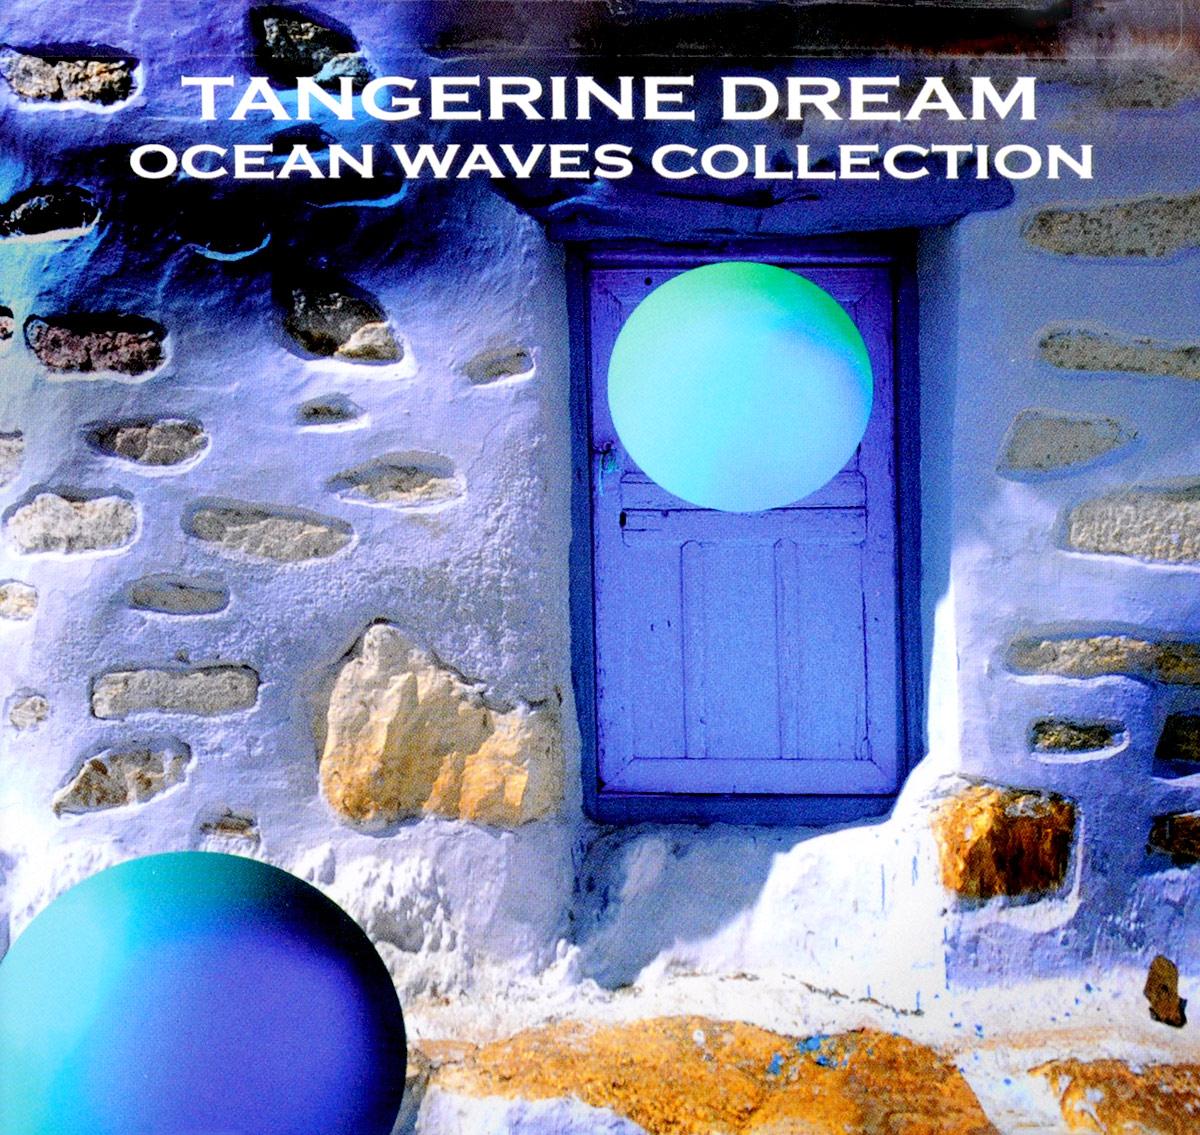 Tangerine Dream Tangerine Dream. Ocean Waves Collection tangerine dream tangerine dream finnegans wake